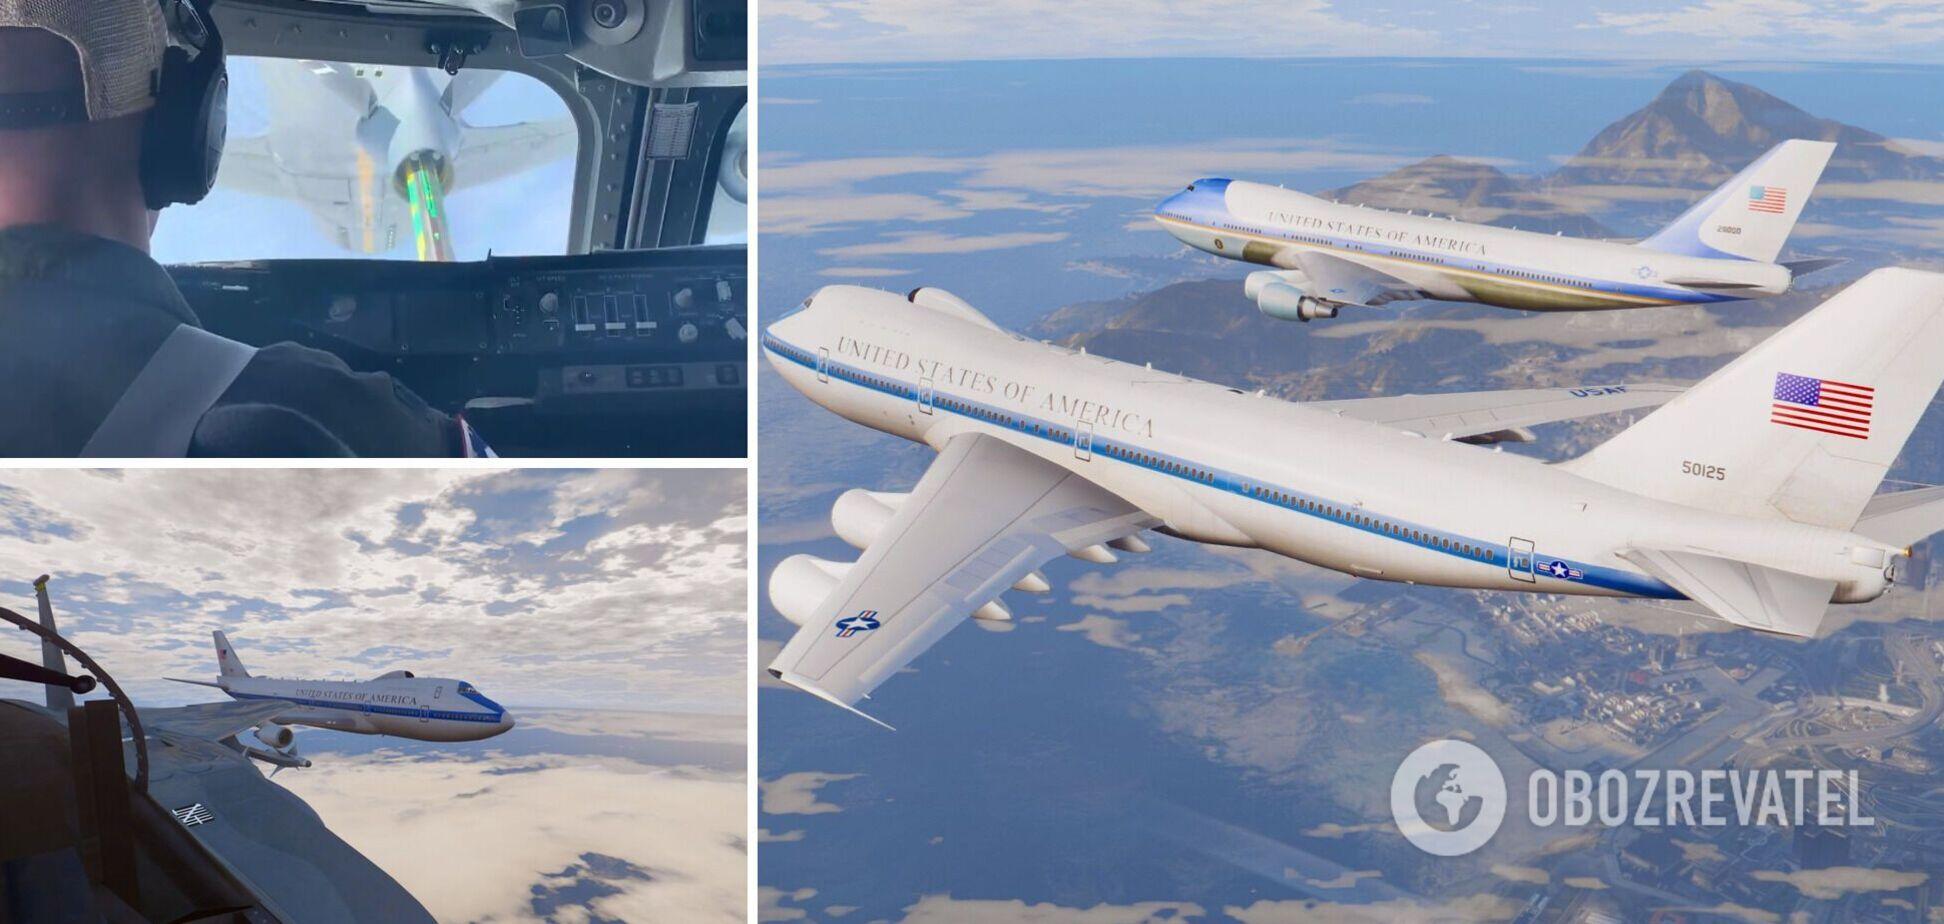 В США показали дозаправку 'самолета судного дня': предназначен для эвакуации высшего руководства. Видео